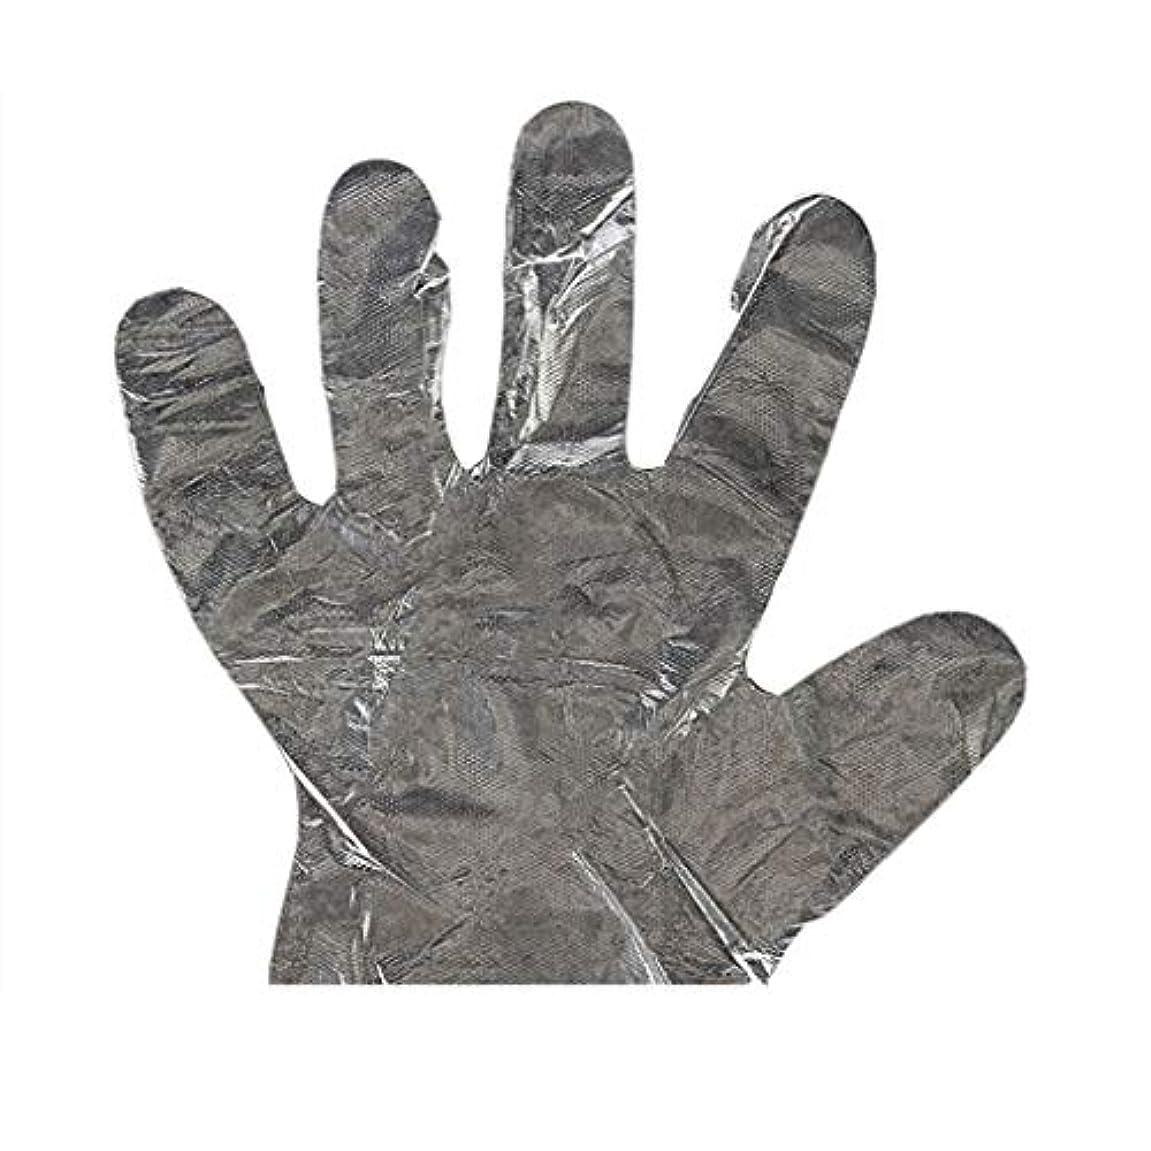 検索代わりにを立てる純粋に手袋の使い捨て手袋PEの衛生的な食糧手袋100パッケージ